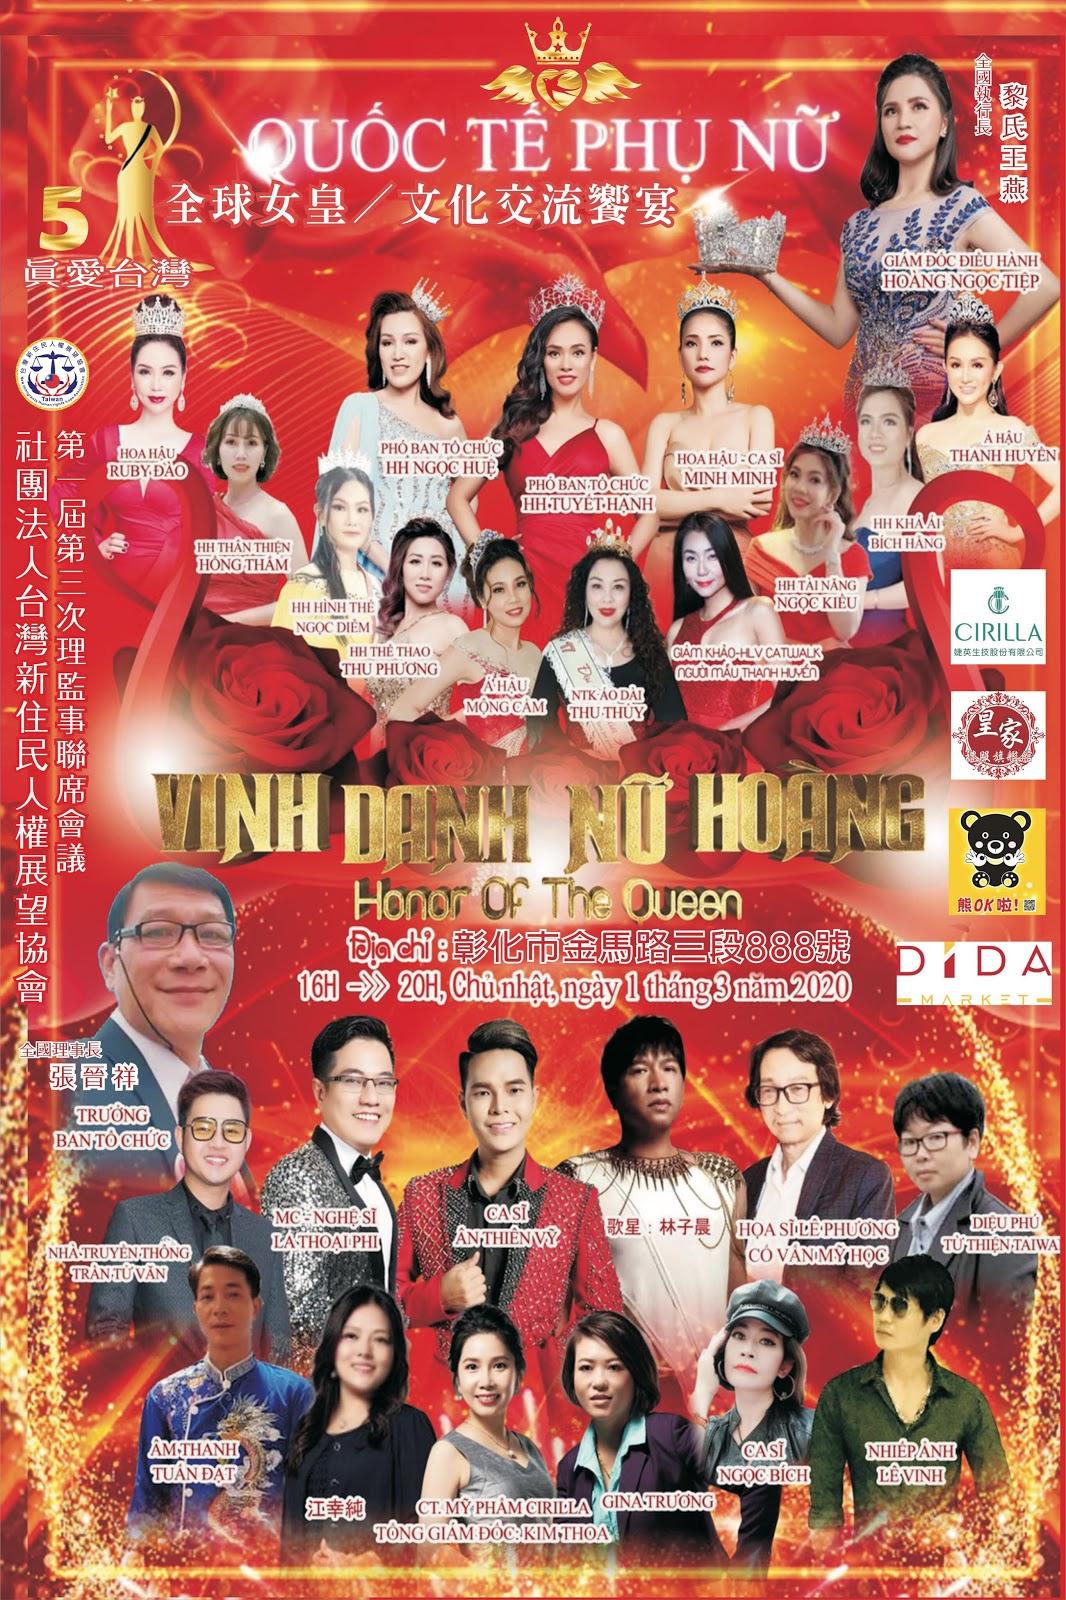 Dàn mỹ nhân hội tụ trong đêm Vinh danh Nữ hoàng - Hình 1